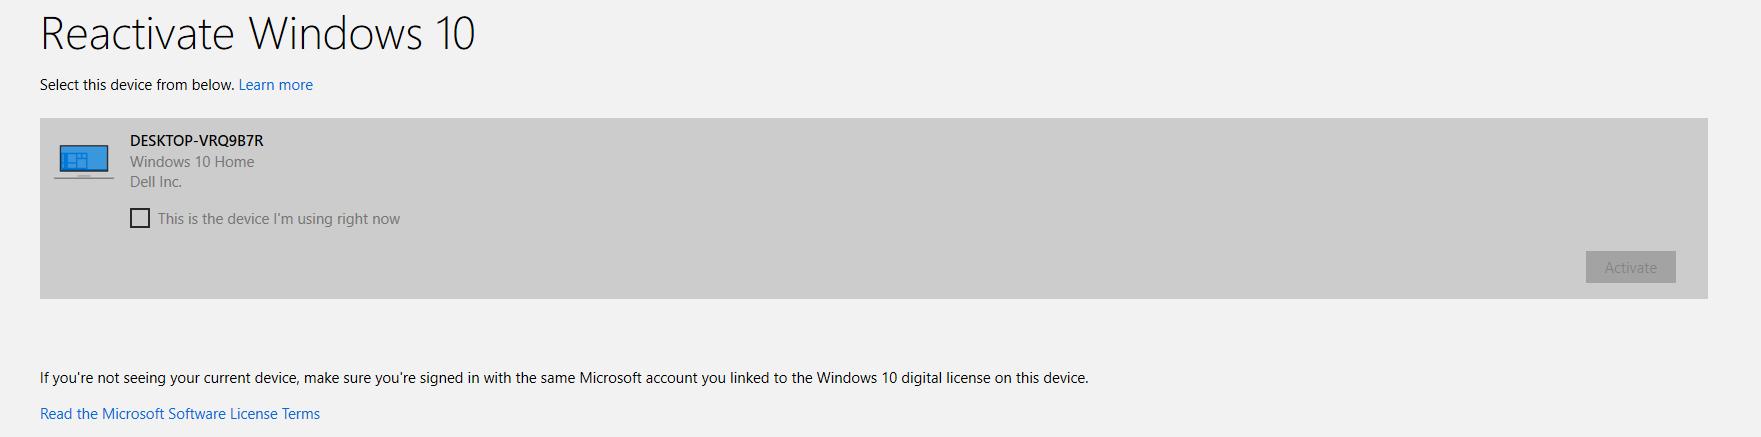 windows 10 activation 0e2ca27d-18b4-4961-a475-f72e74ba079a?upload=true.png